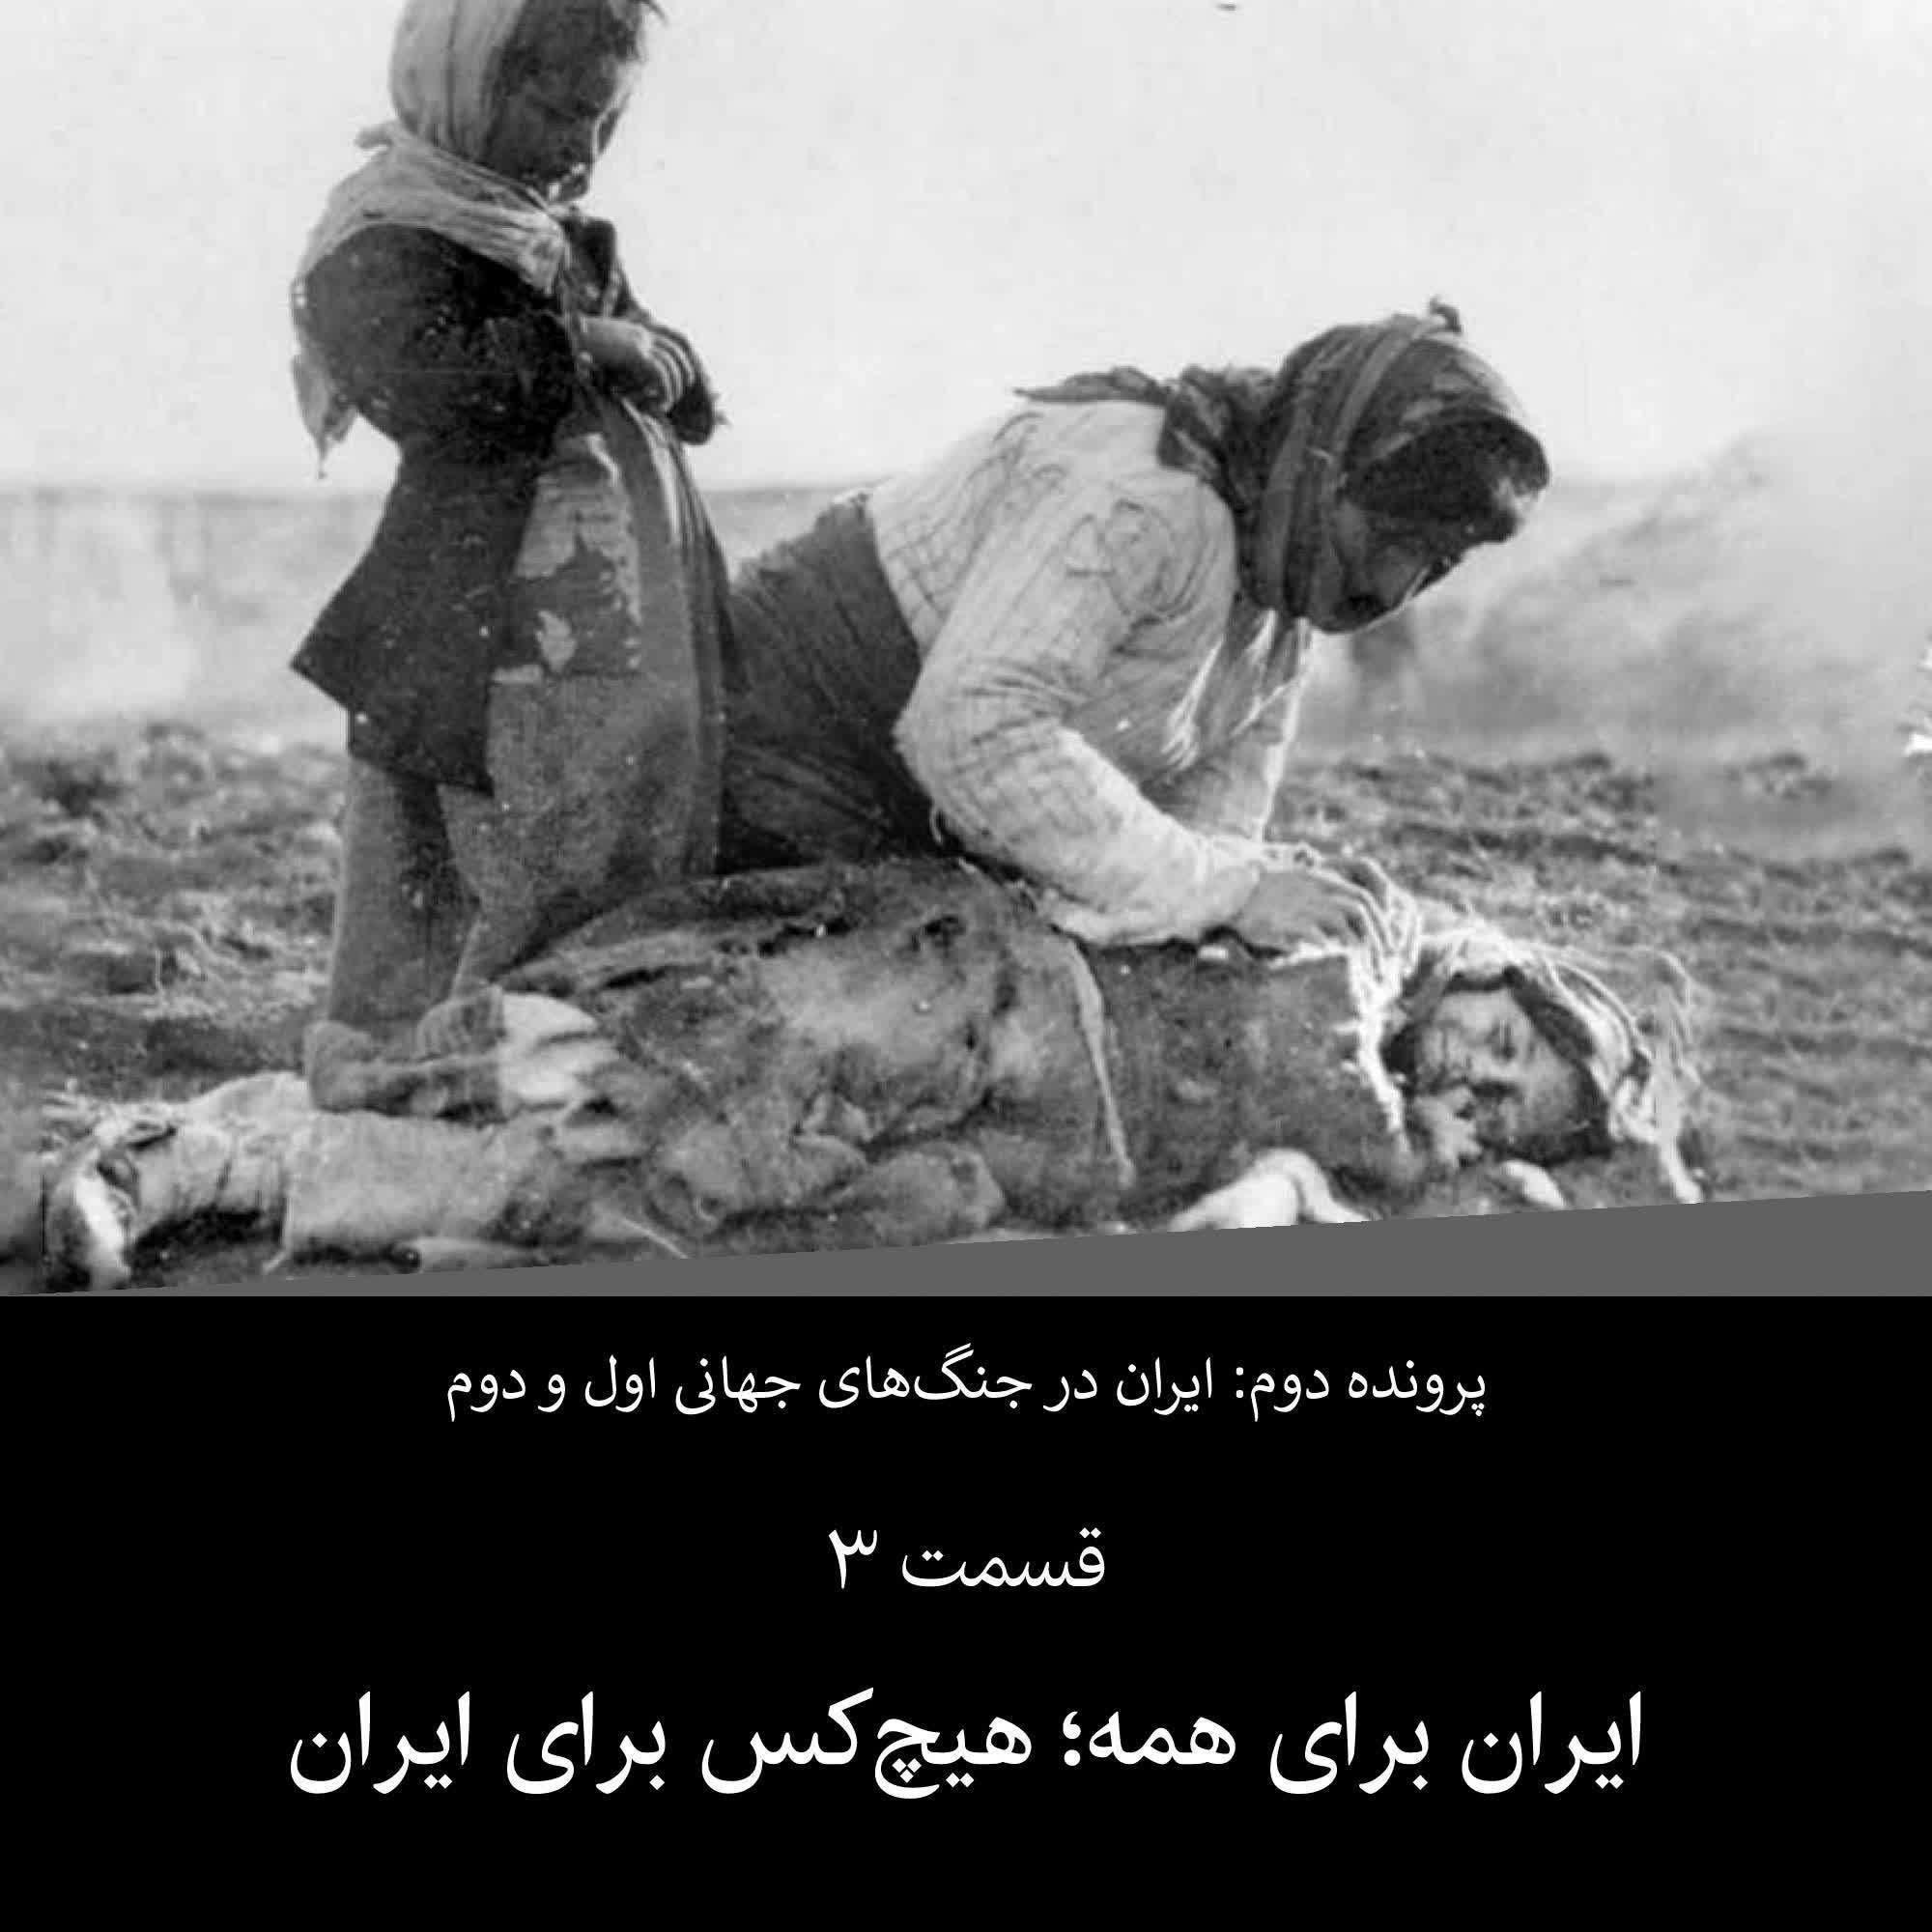 پرونده دوم - قسمت ۳ - ایران برای همه هیچ کس برای ایران